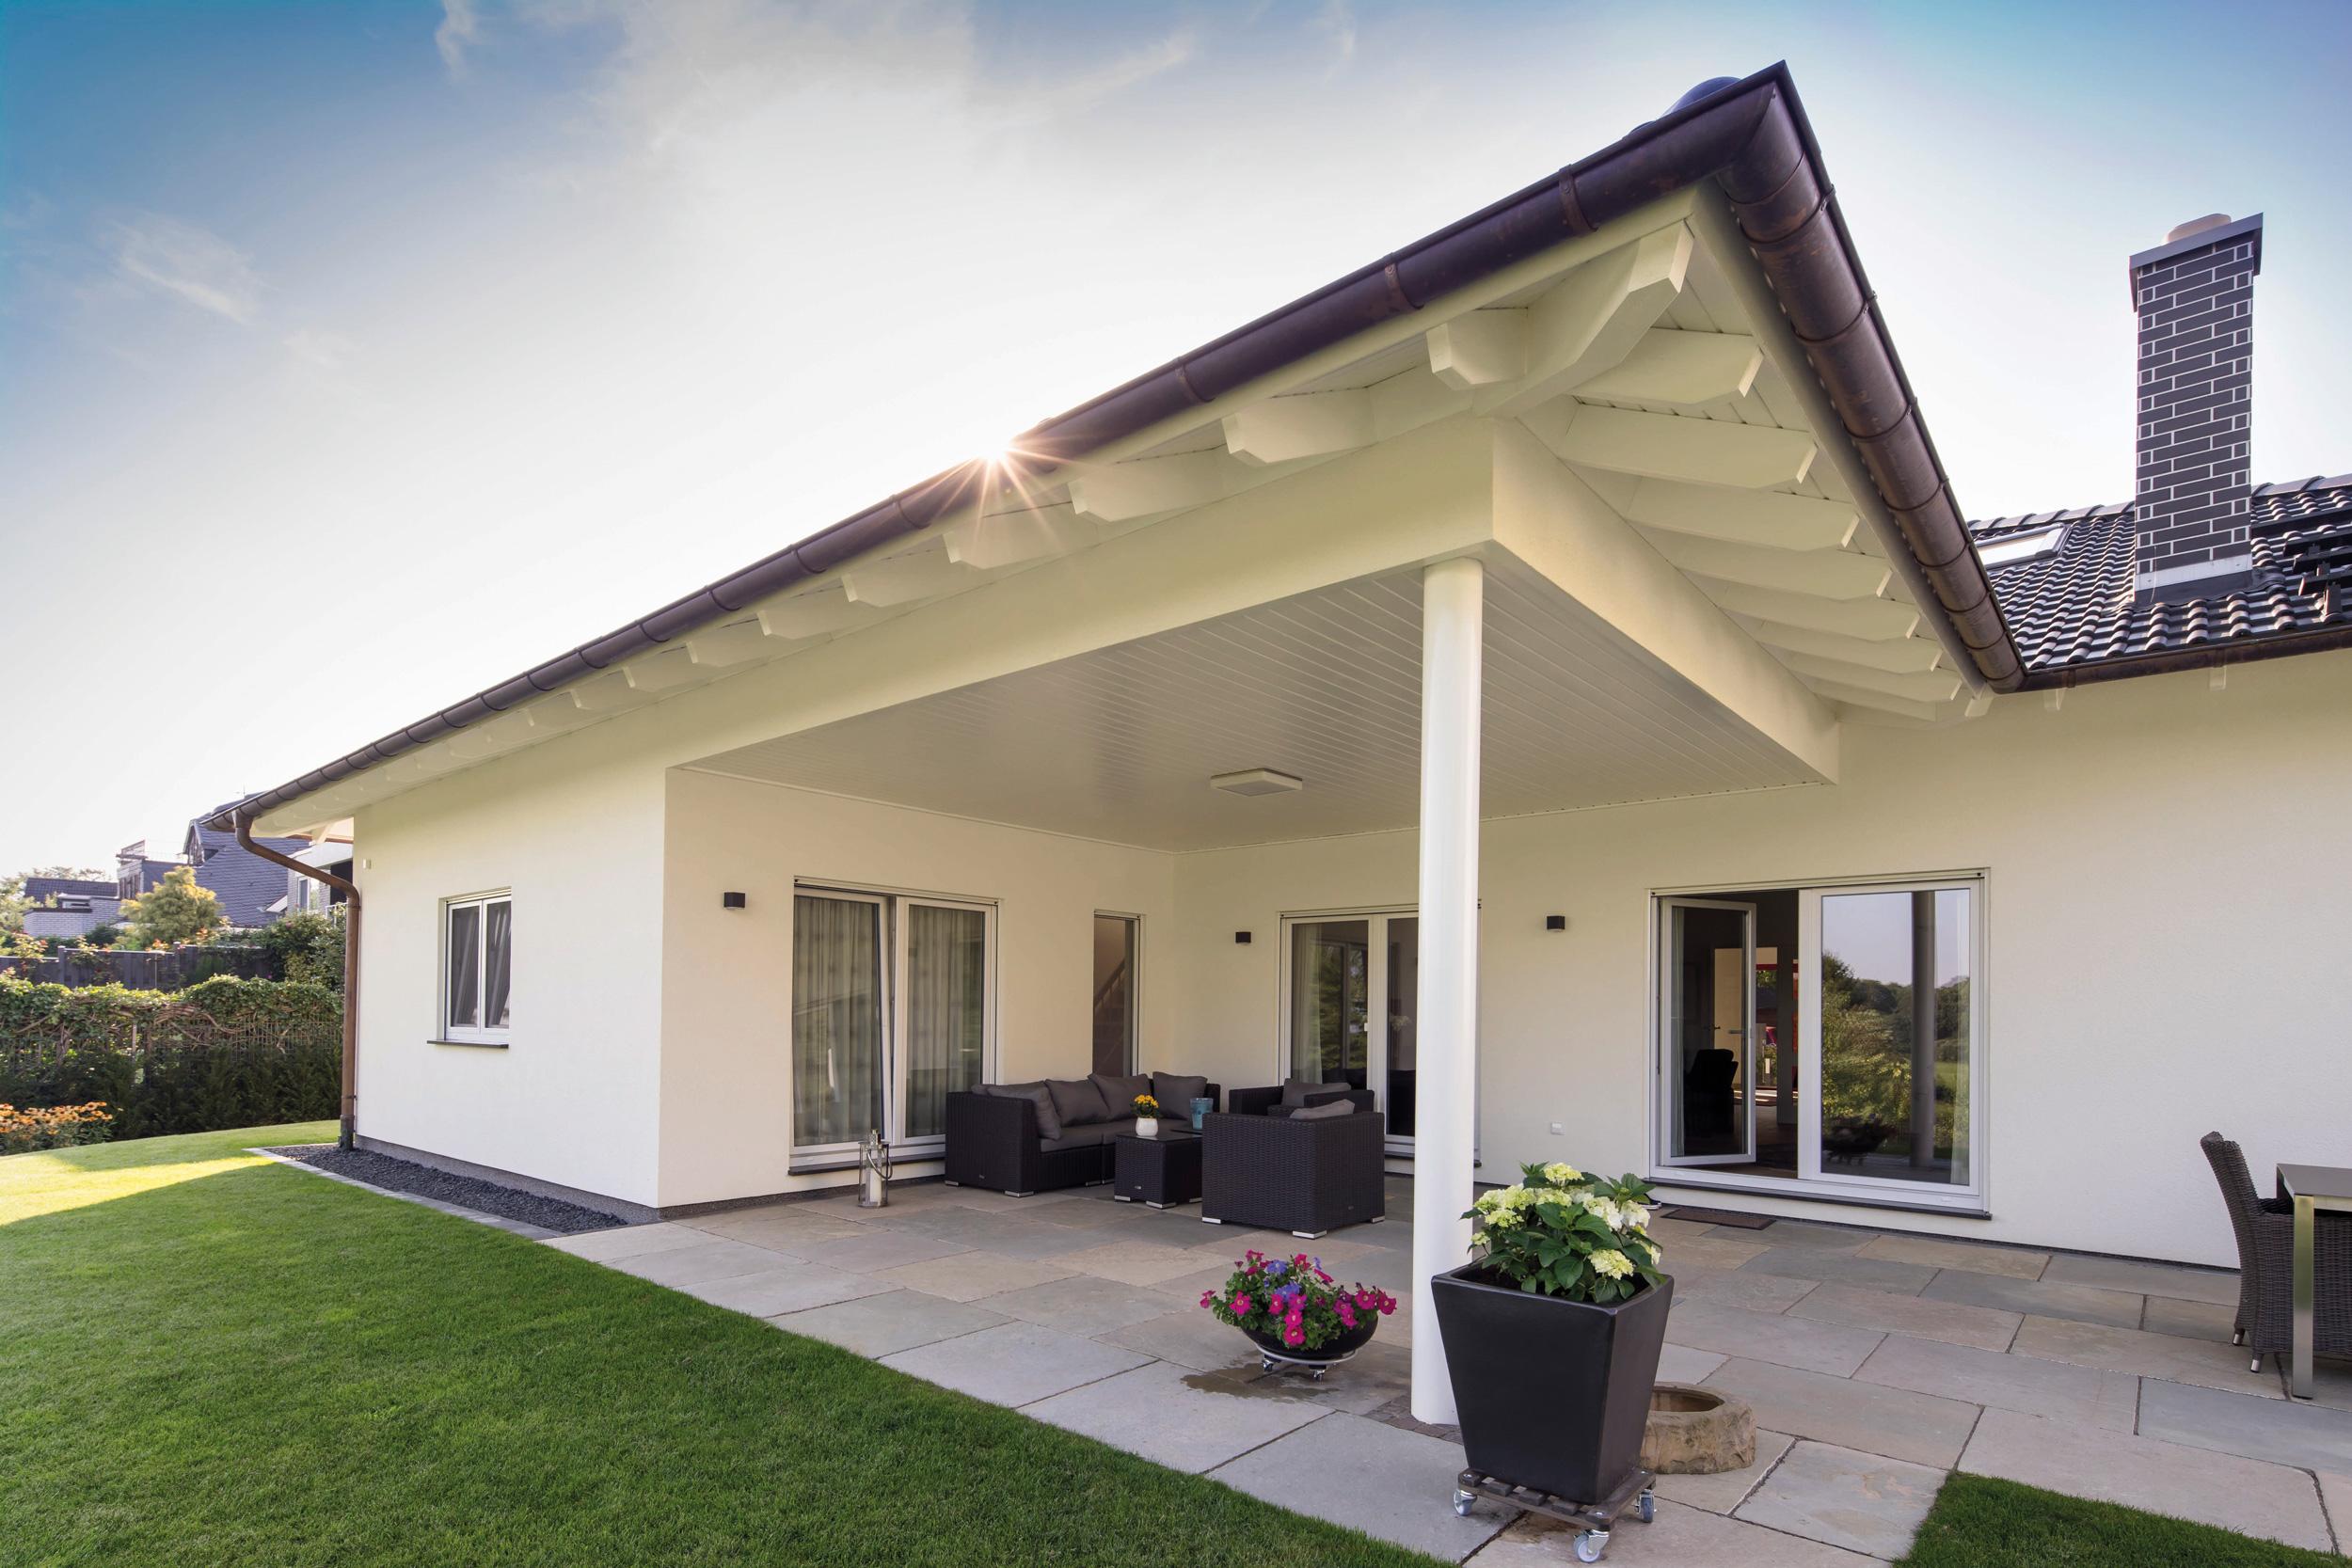 Moderne Gartenhäuser Zum Wohnen Wunderbar On Modern überall Bungalow Mit überdachter Terrasse Und Garten 8